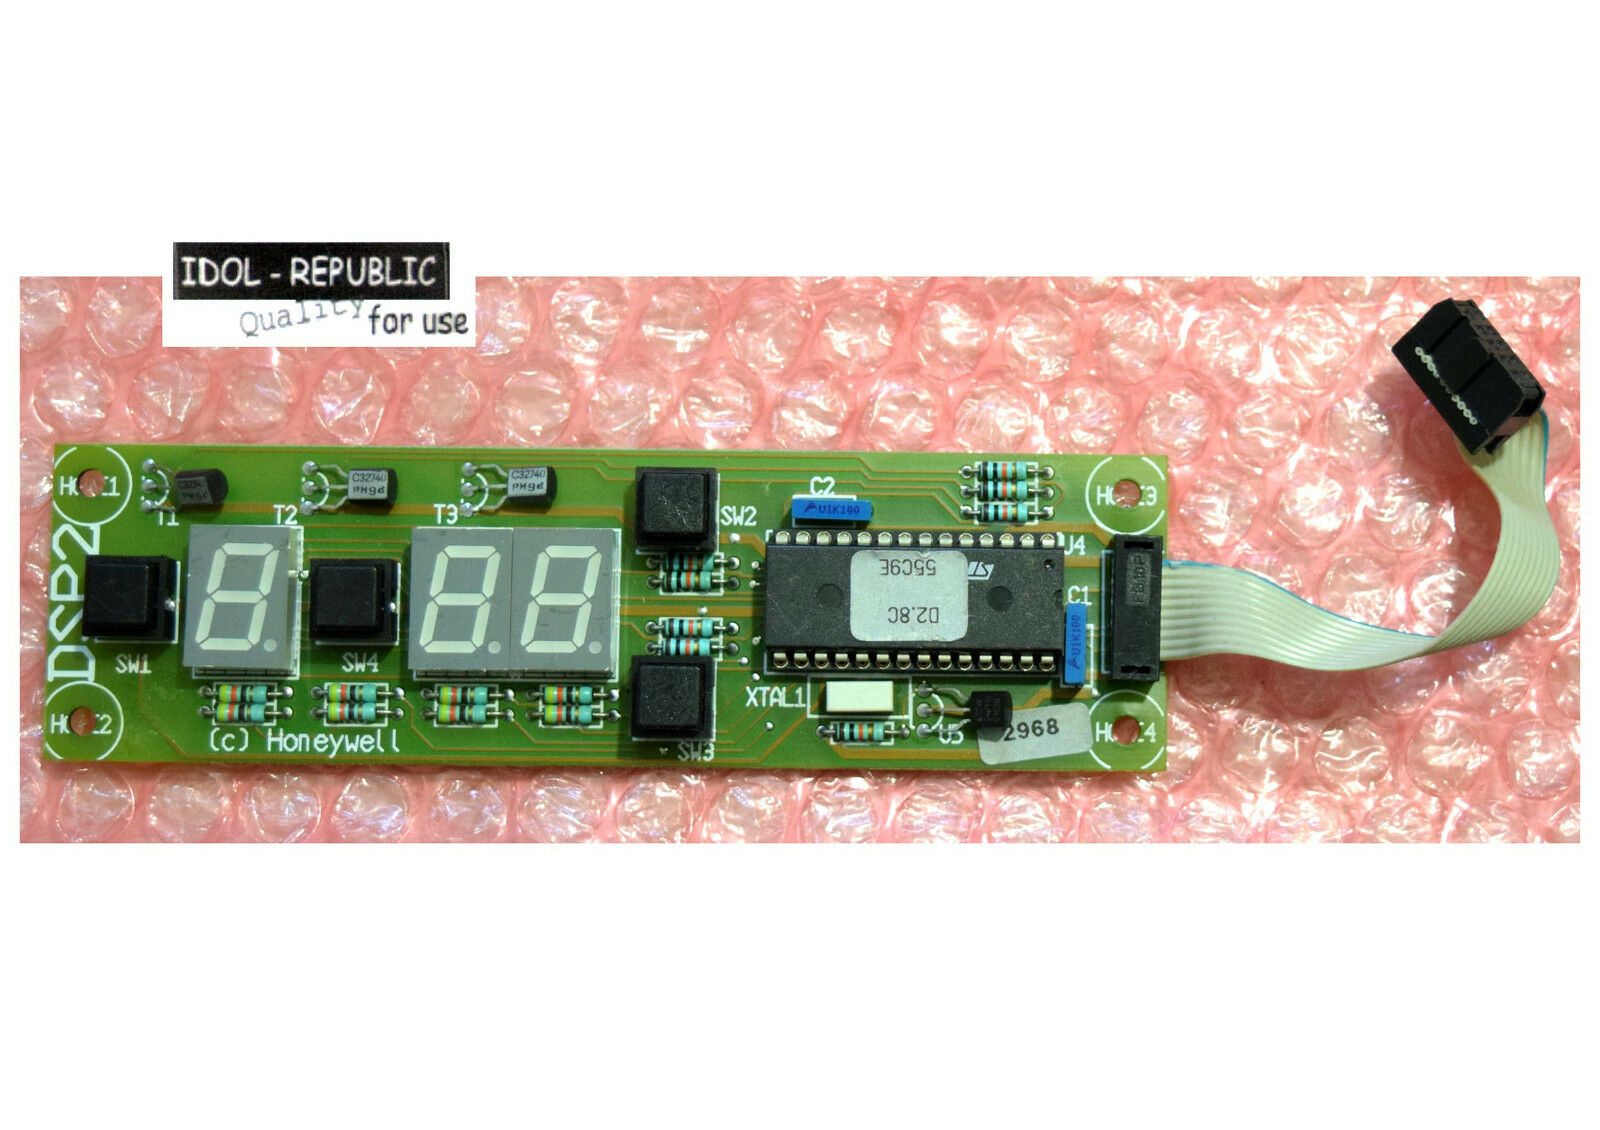 Rapido - - - Platine - DSP2 - Leiterplatte für Econpact 45 - Display Bedienteil DSP2 339492